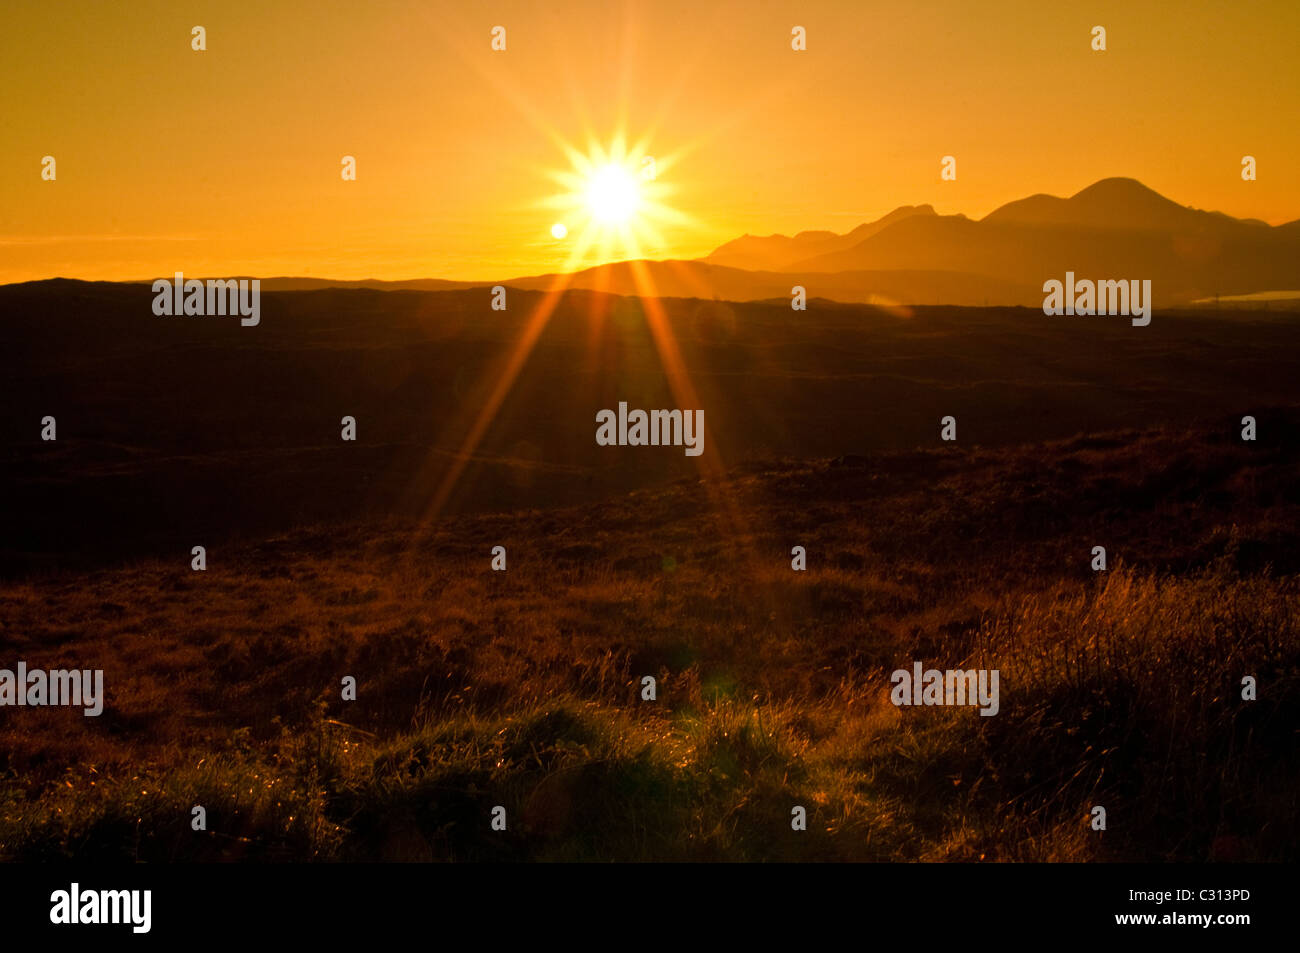 Coucher de soleil sur l'île de Sky, Ecosse Photo Stock